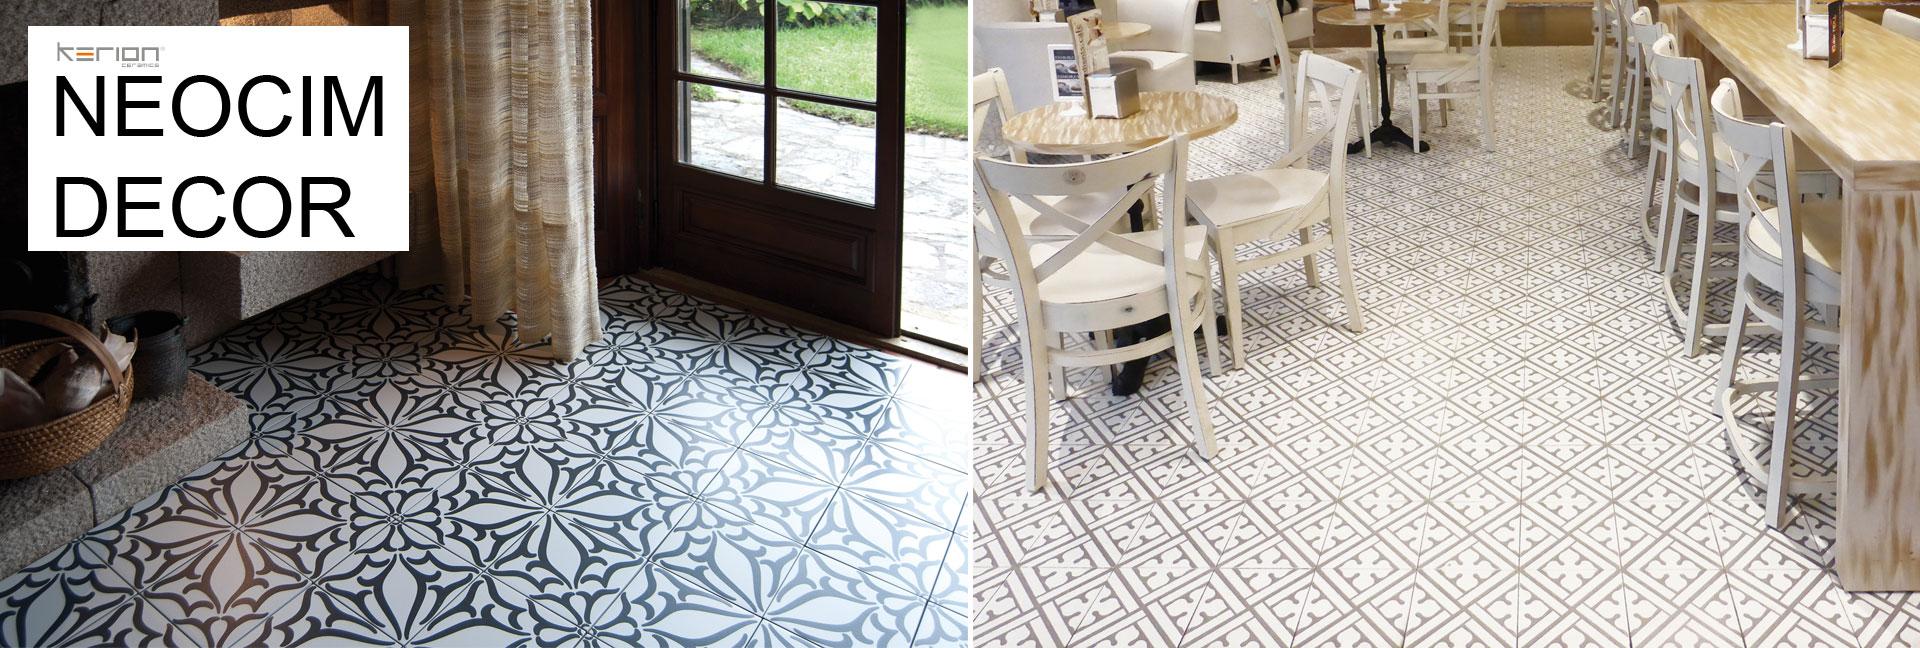 Kerion Neocim | Portuguese Porcelain Tile